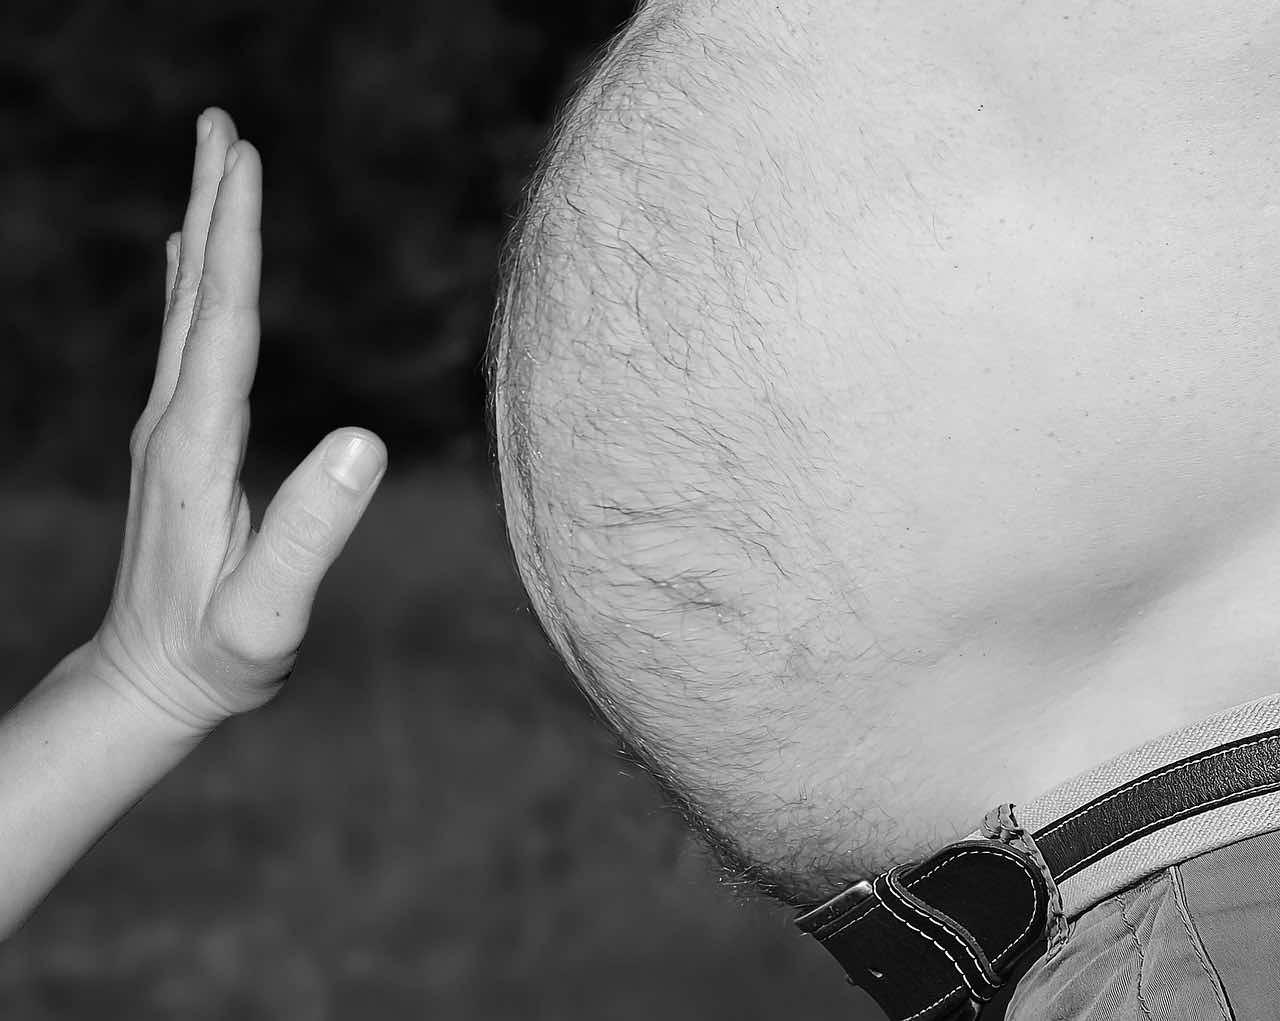 obesidad cirugía bariatrica